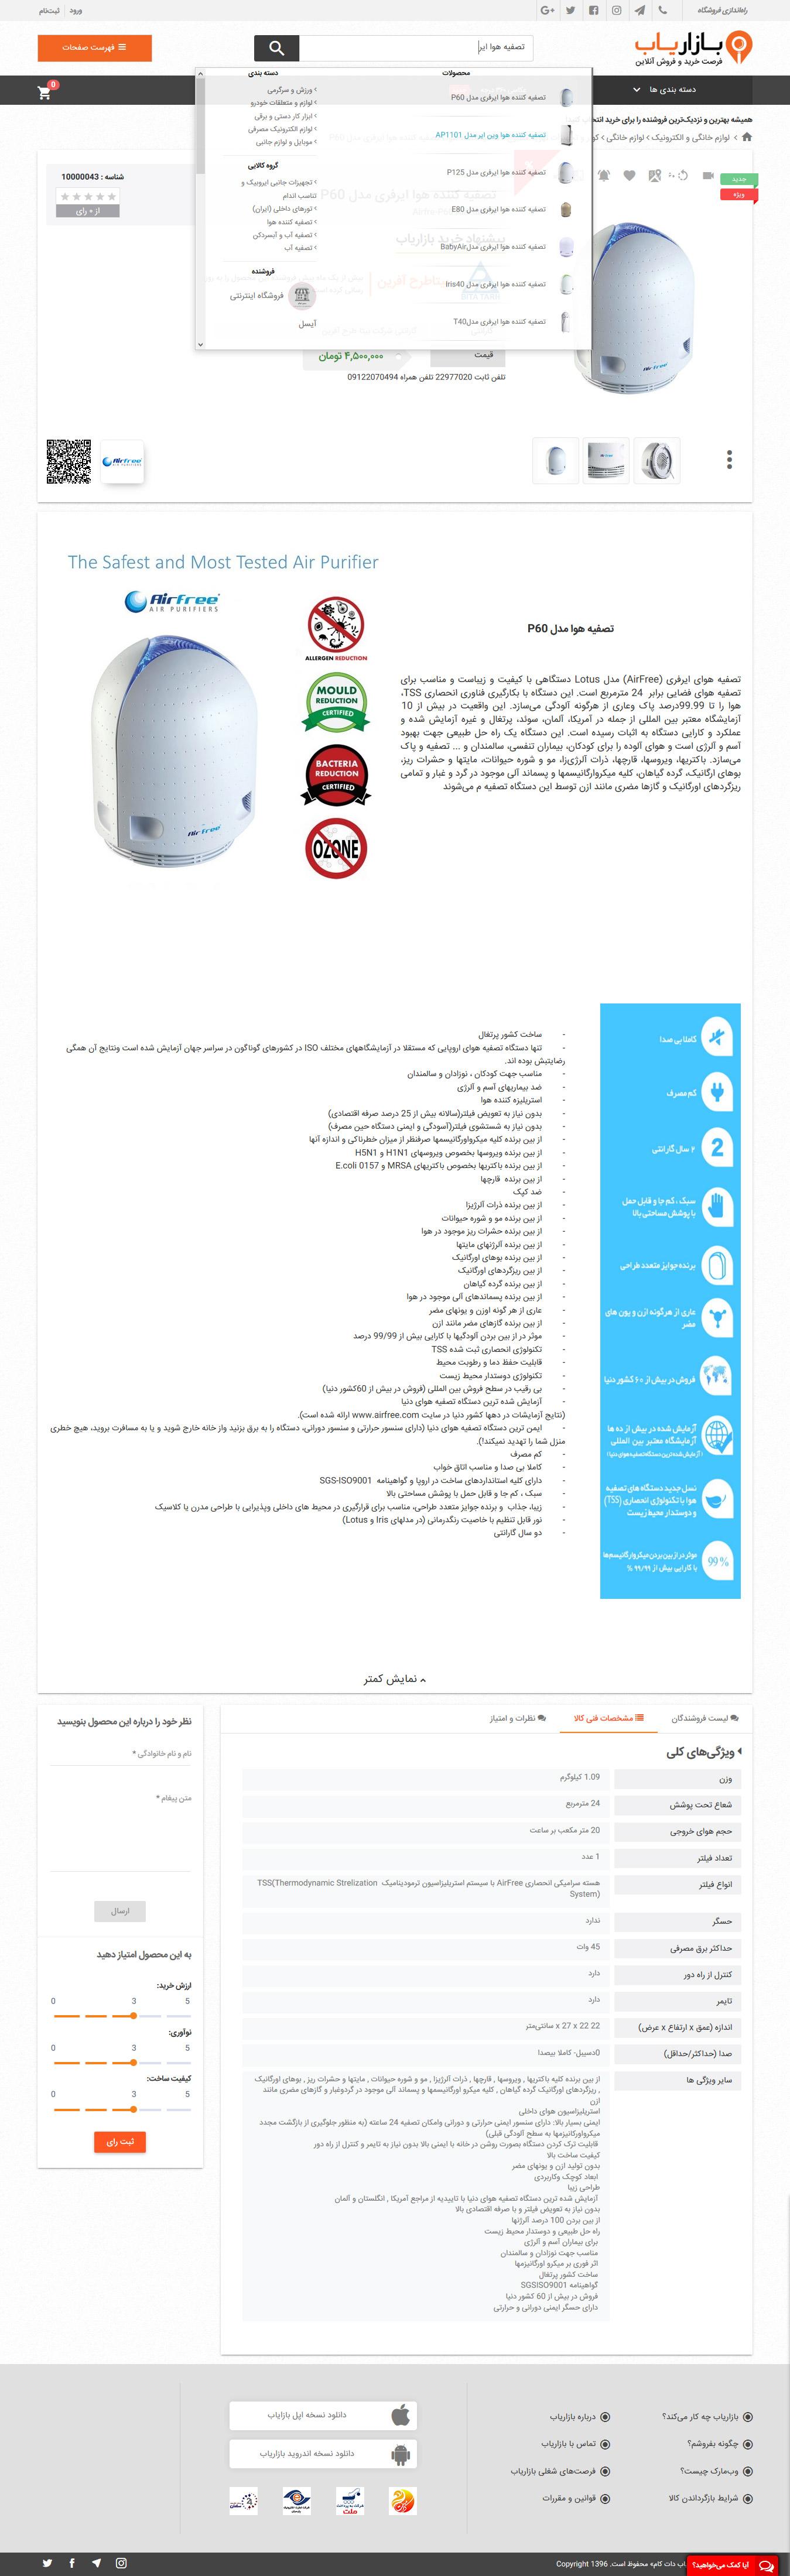 تصویری از سیستم جستجوی سریع محصولات در فروشگاه بازاریاب دات کام